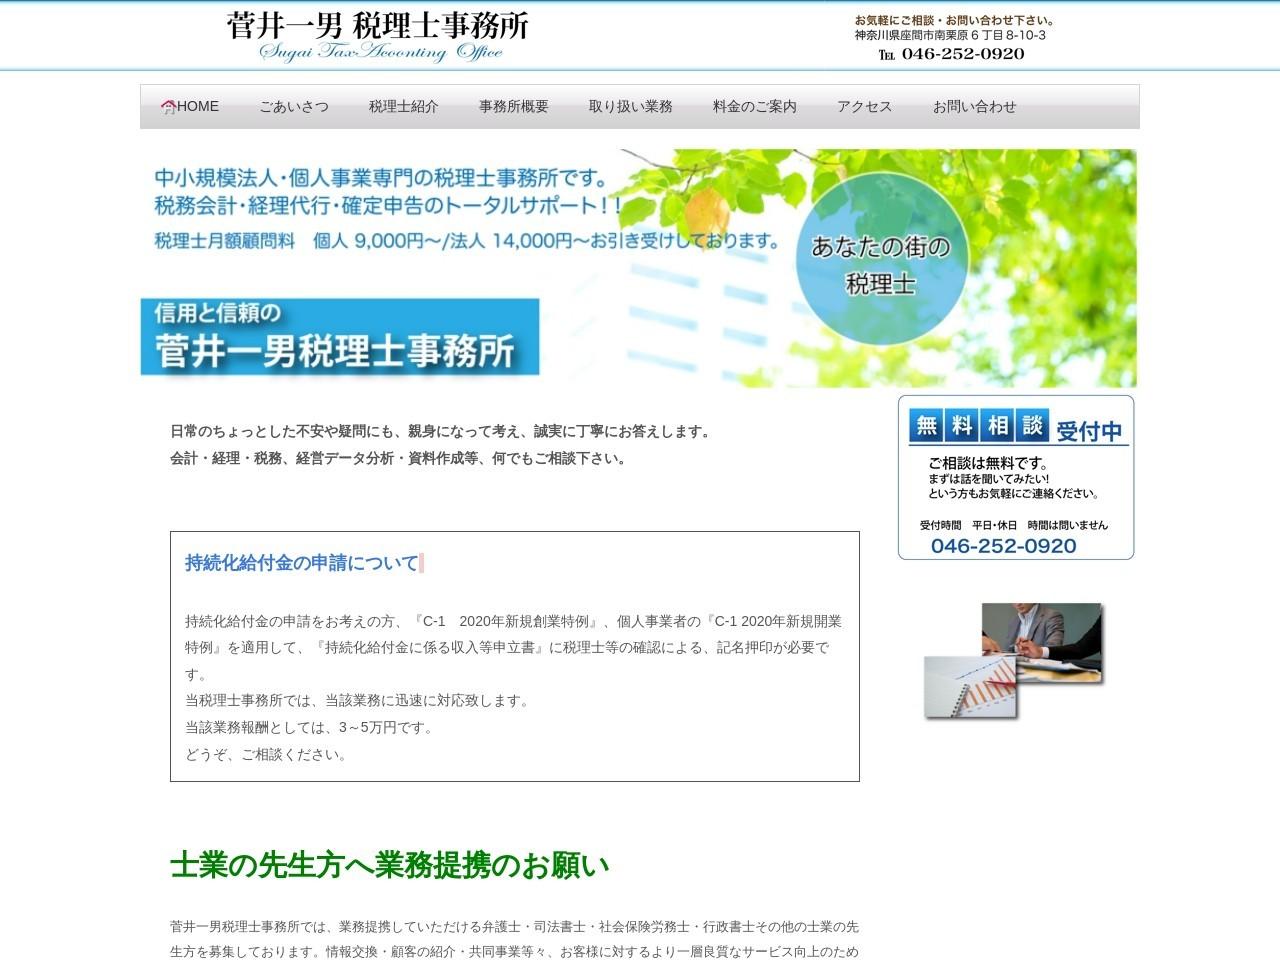 菅井一男税理士事務所